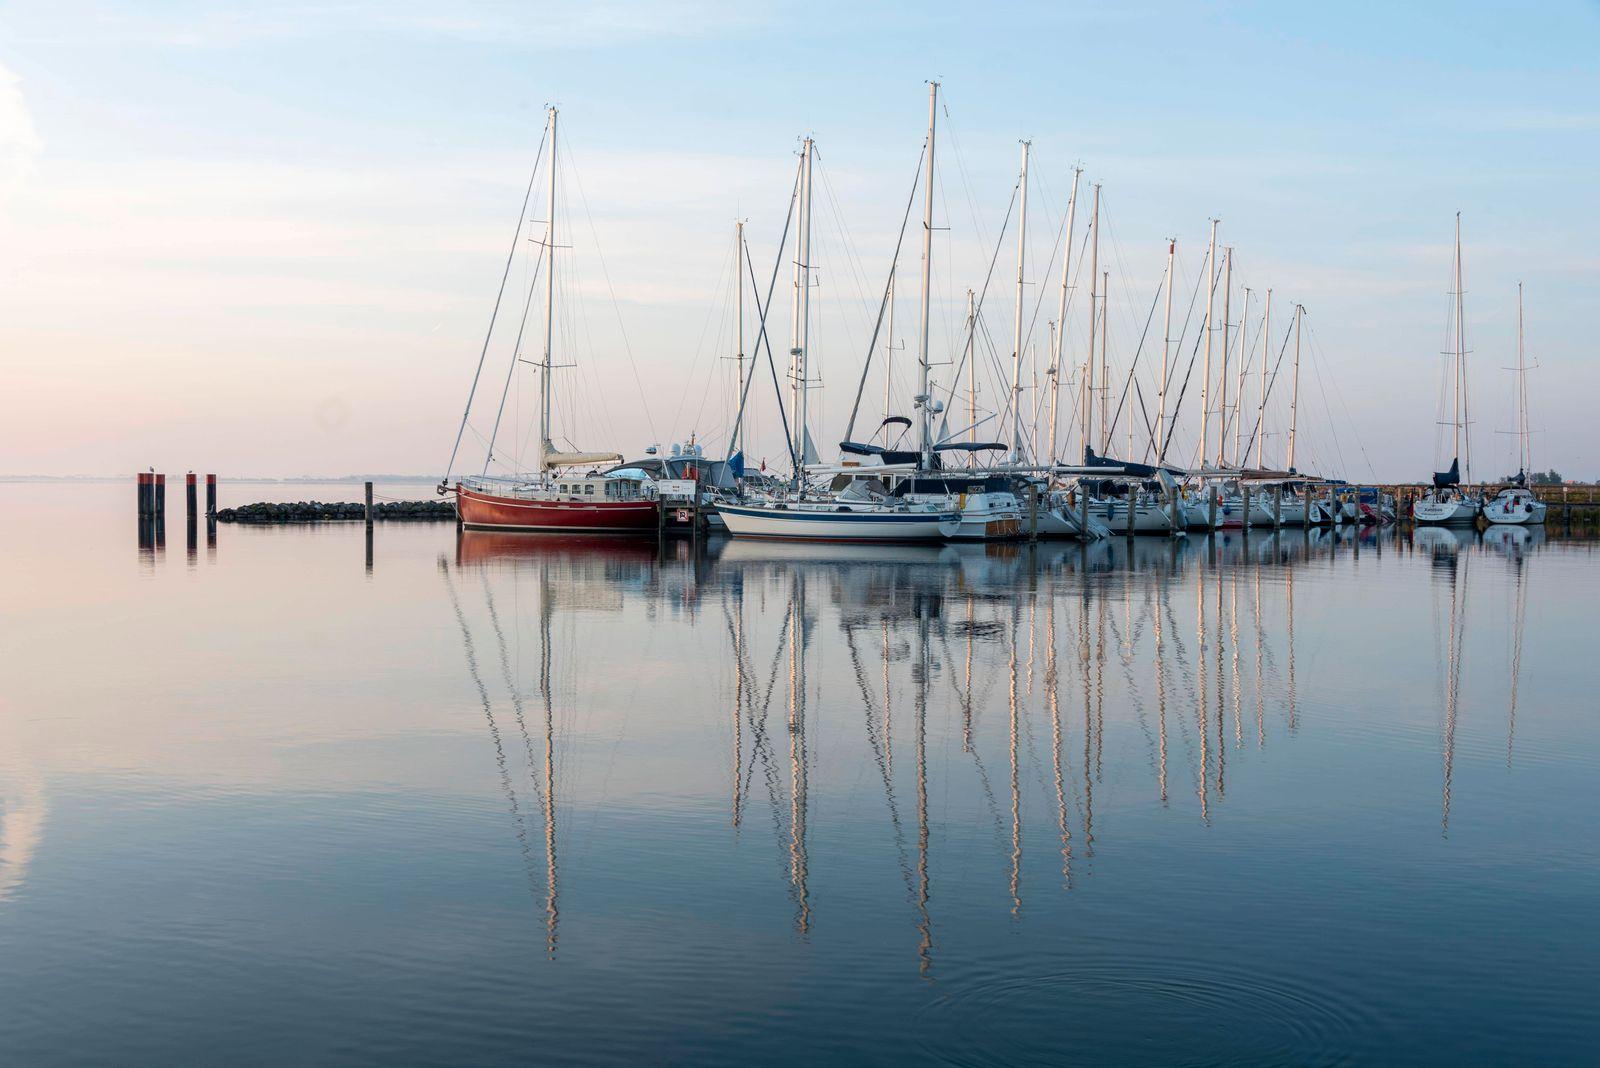 Segelboote spiegeln sich im Wasser des Boddens, Nationalpark Vorpommersche Boddenlandschaft, Kloster, Insel Hiddensee, M